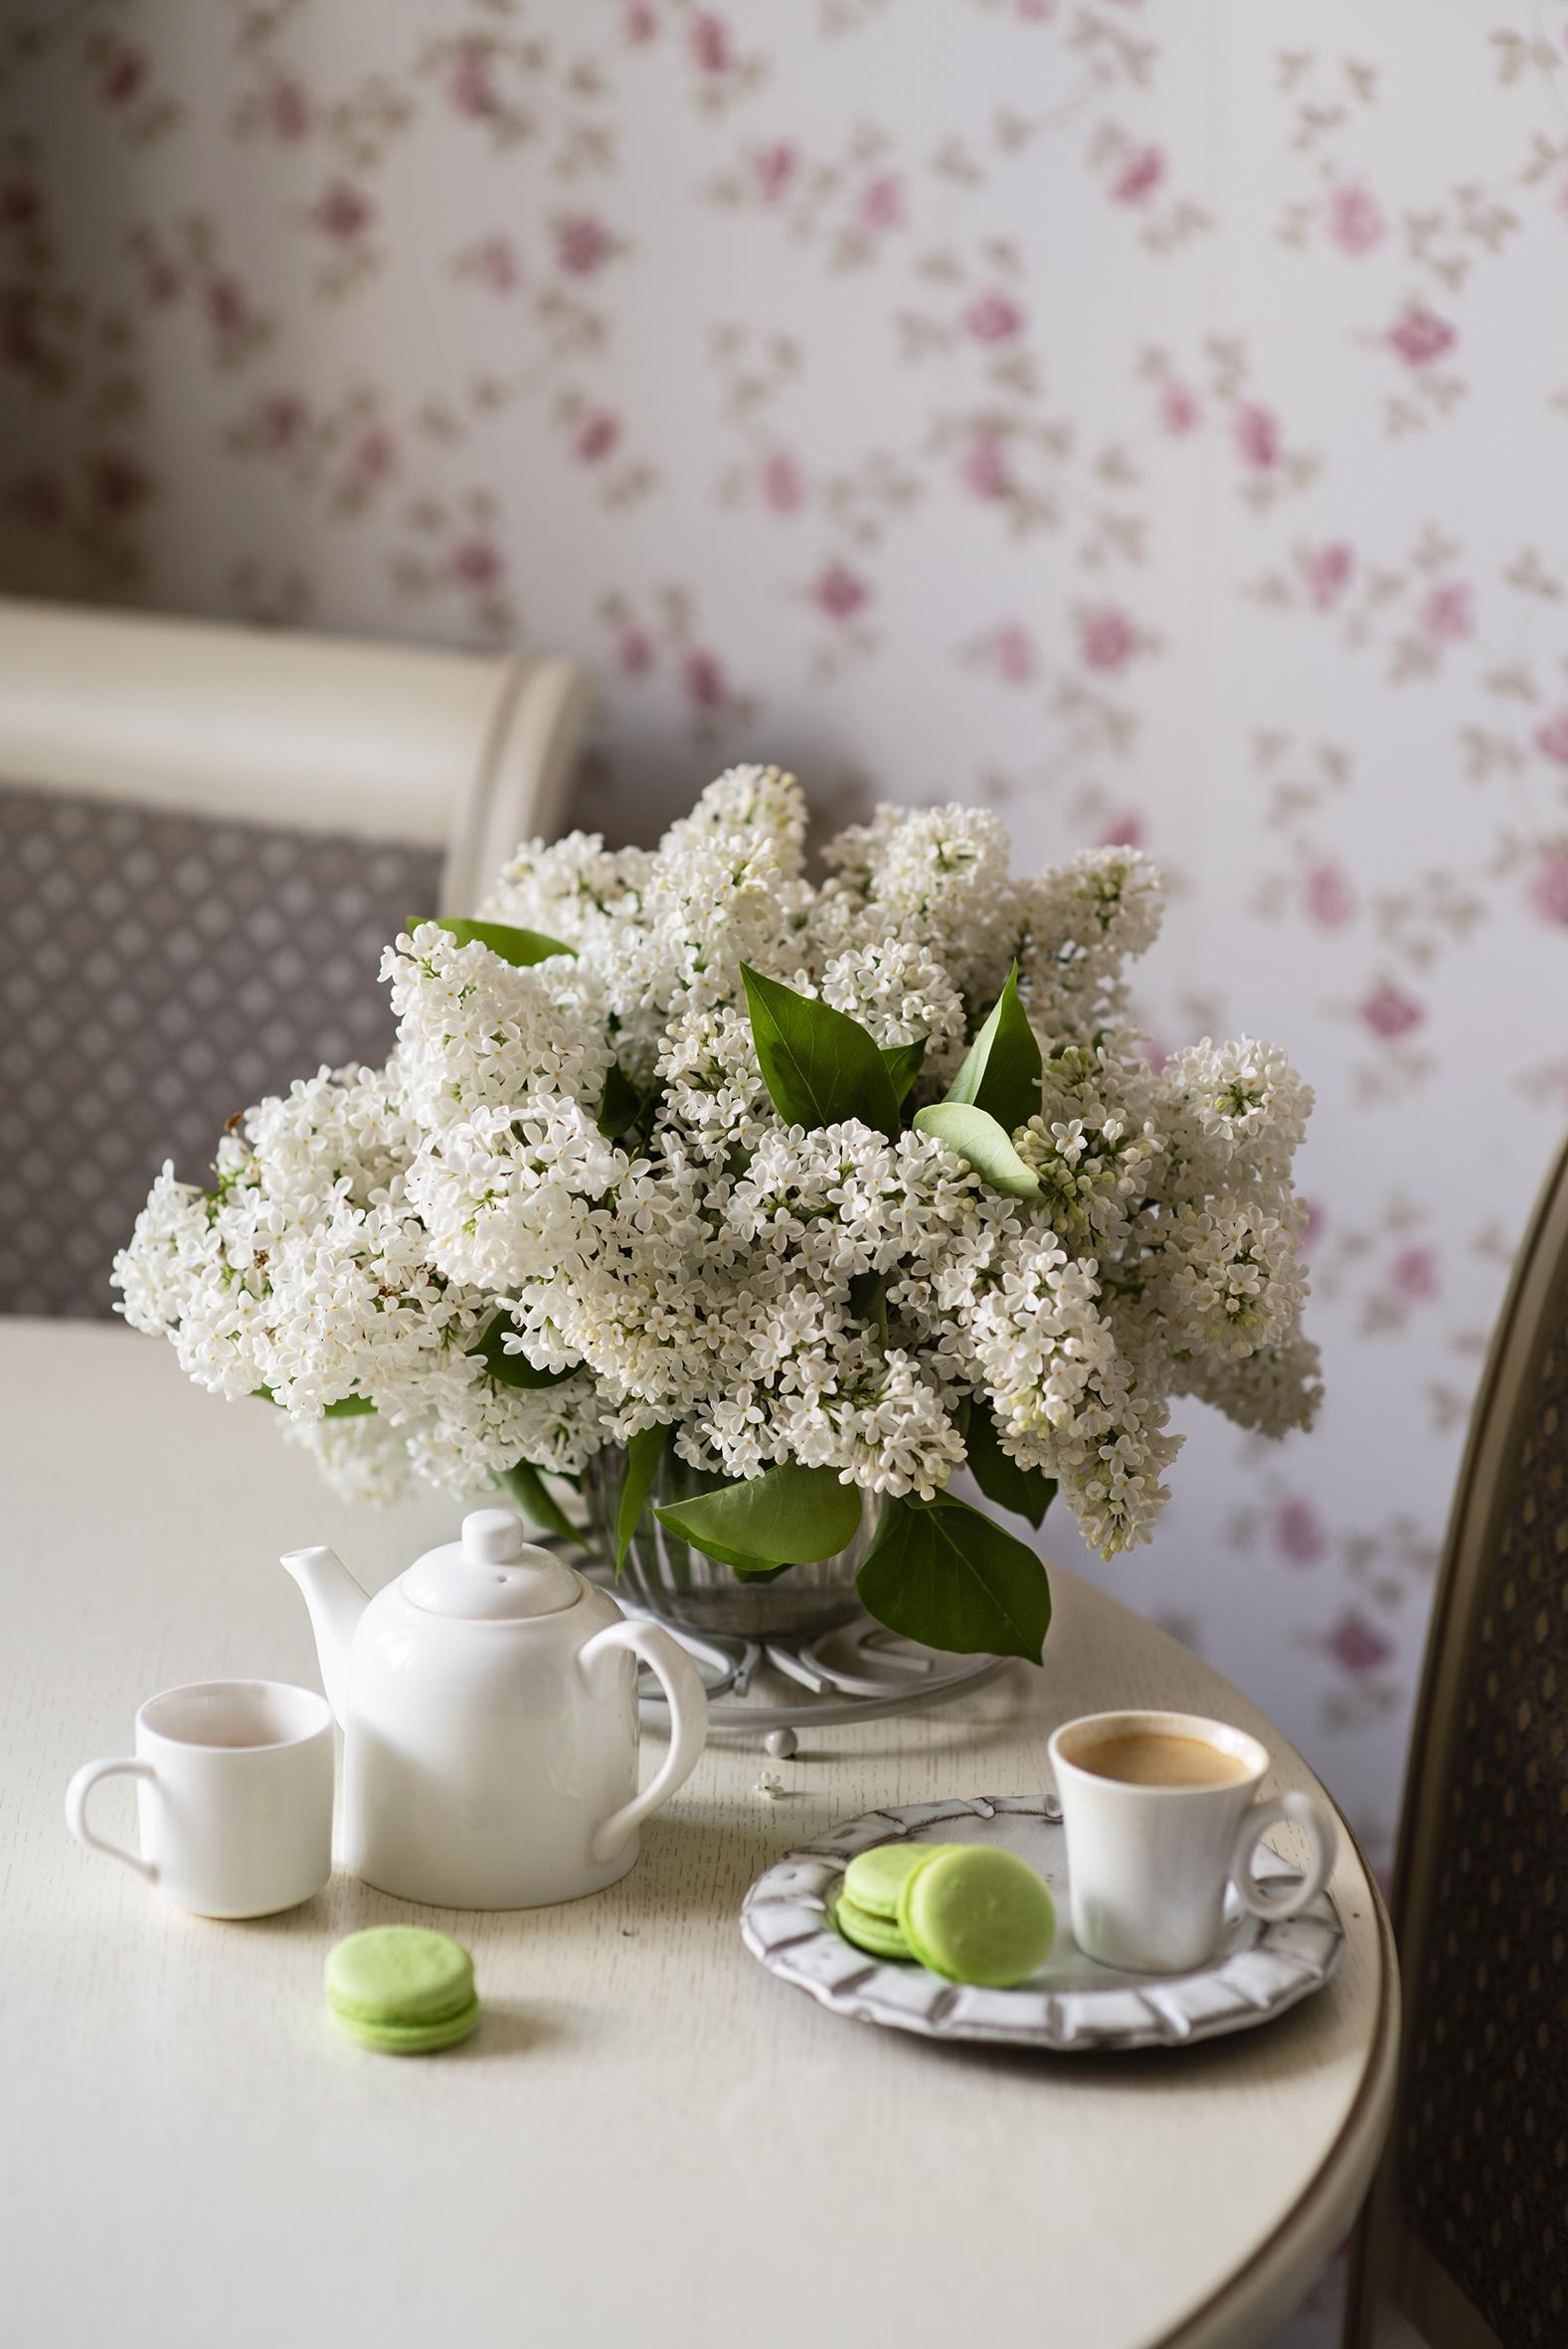 Bilder på skrivbordet makroner Vit Kaffe blomma bondsyren Mat Tekopp Stilleben  till Mobilen Makron bakverk syringa Blommor Syrensläktet